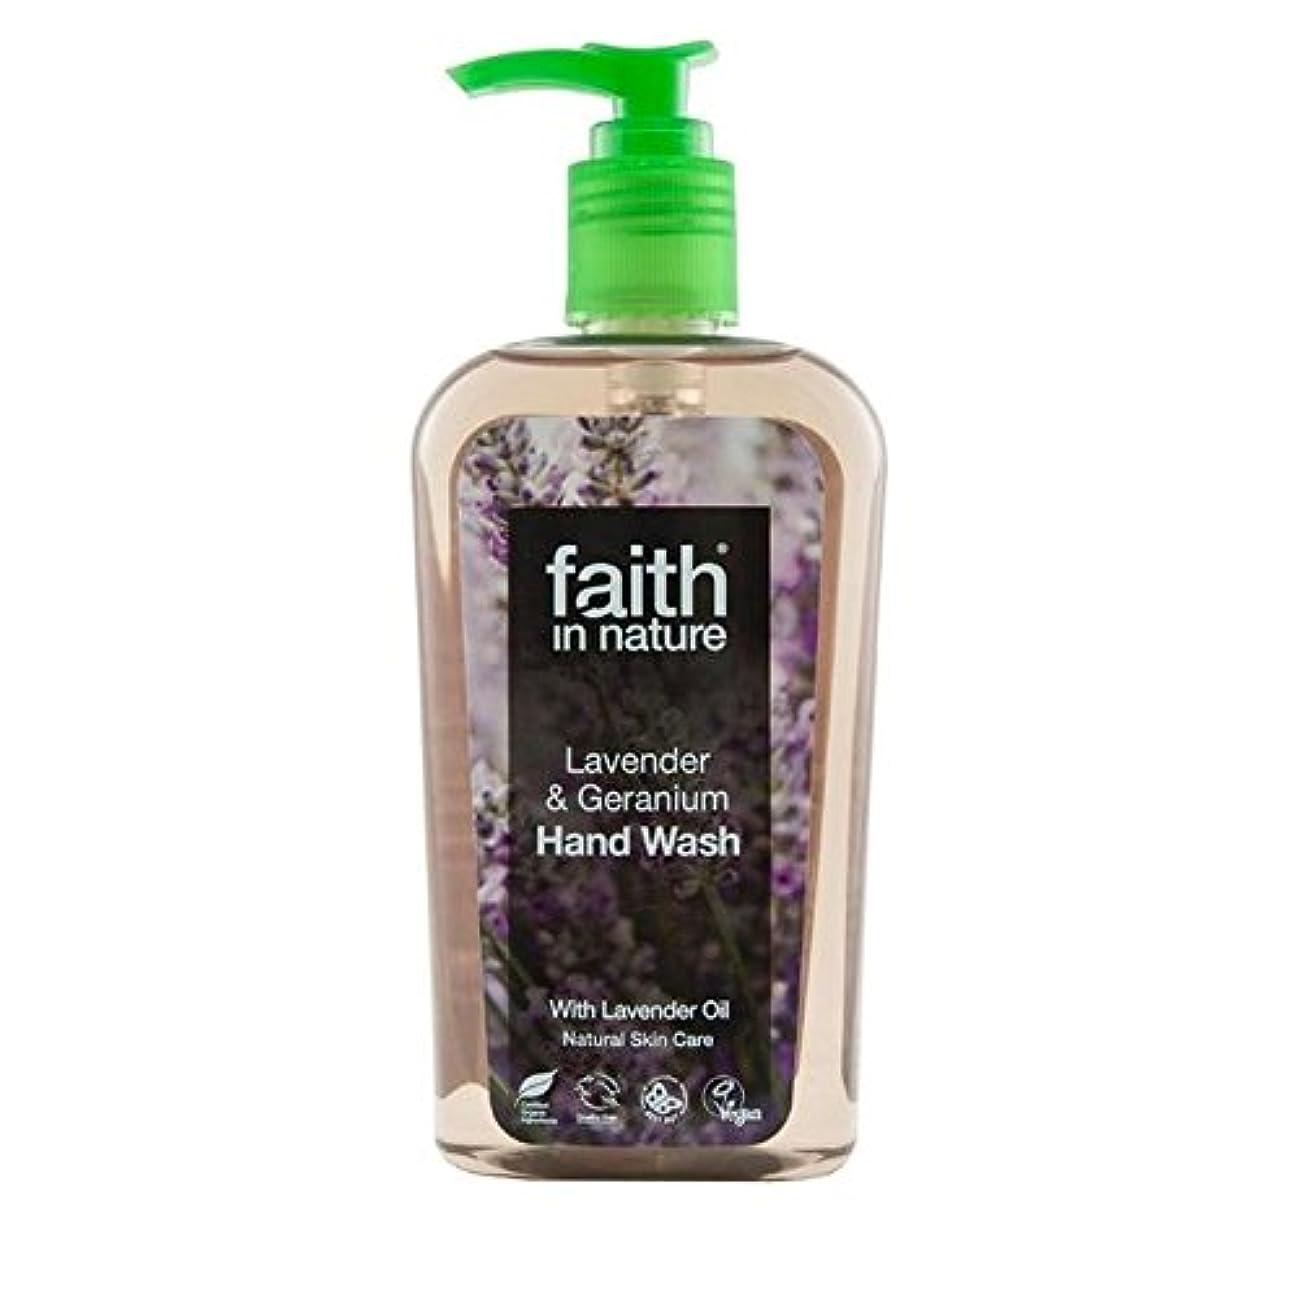 息苦しい奇跡薄いFaith in Nature Lavender & Geranium Handwash 300ml (Pack of 4) - (Faith In Nature) 自然ラベンダー&ゼラニウム手洗いの300ミリリットルの...